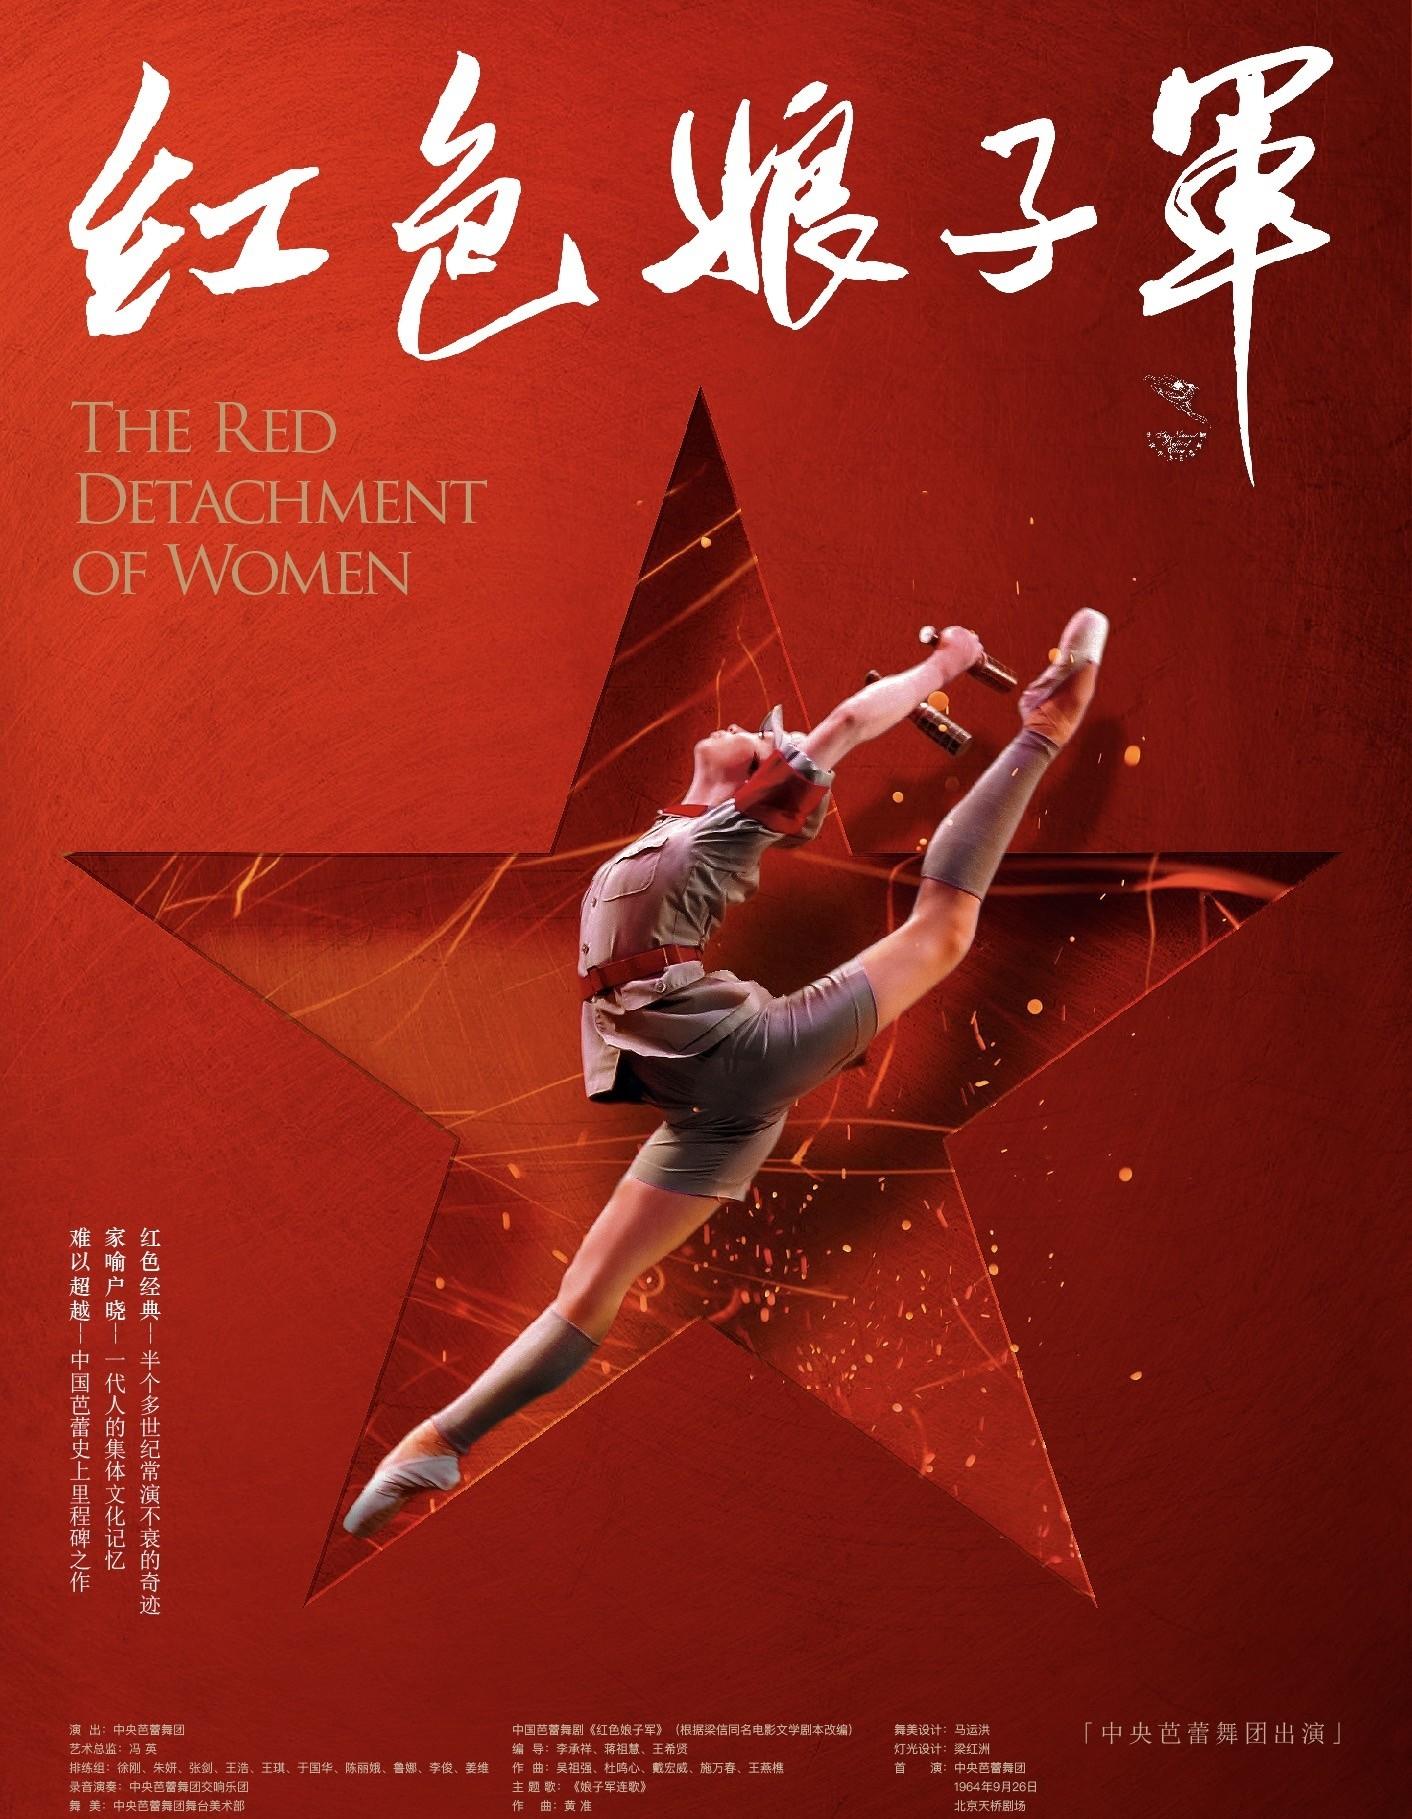 【建国70周年精品舞剧展演】中国经典芭蕾舞剧《红色娘子军》